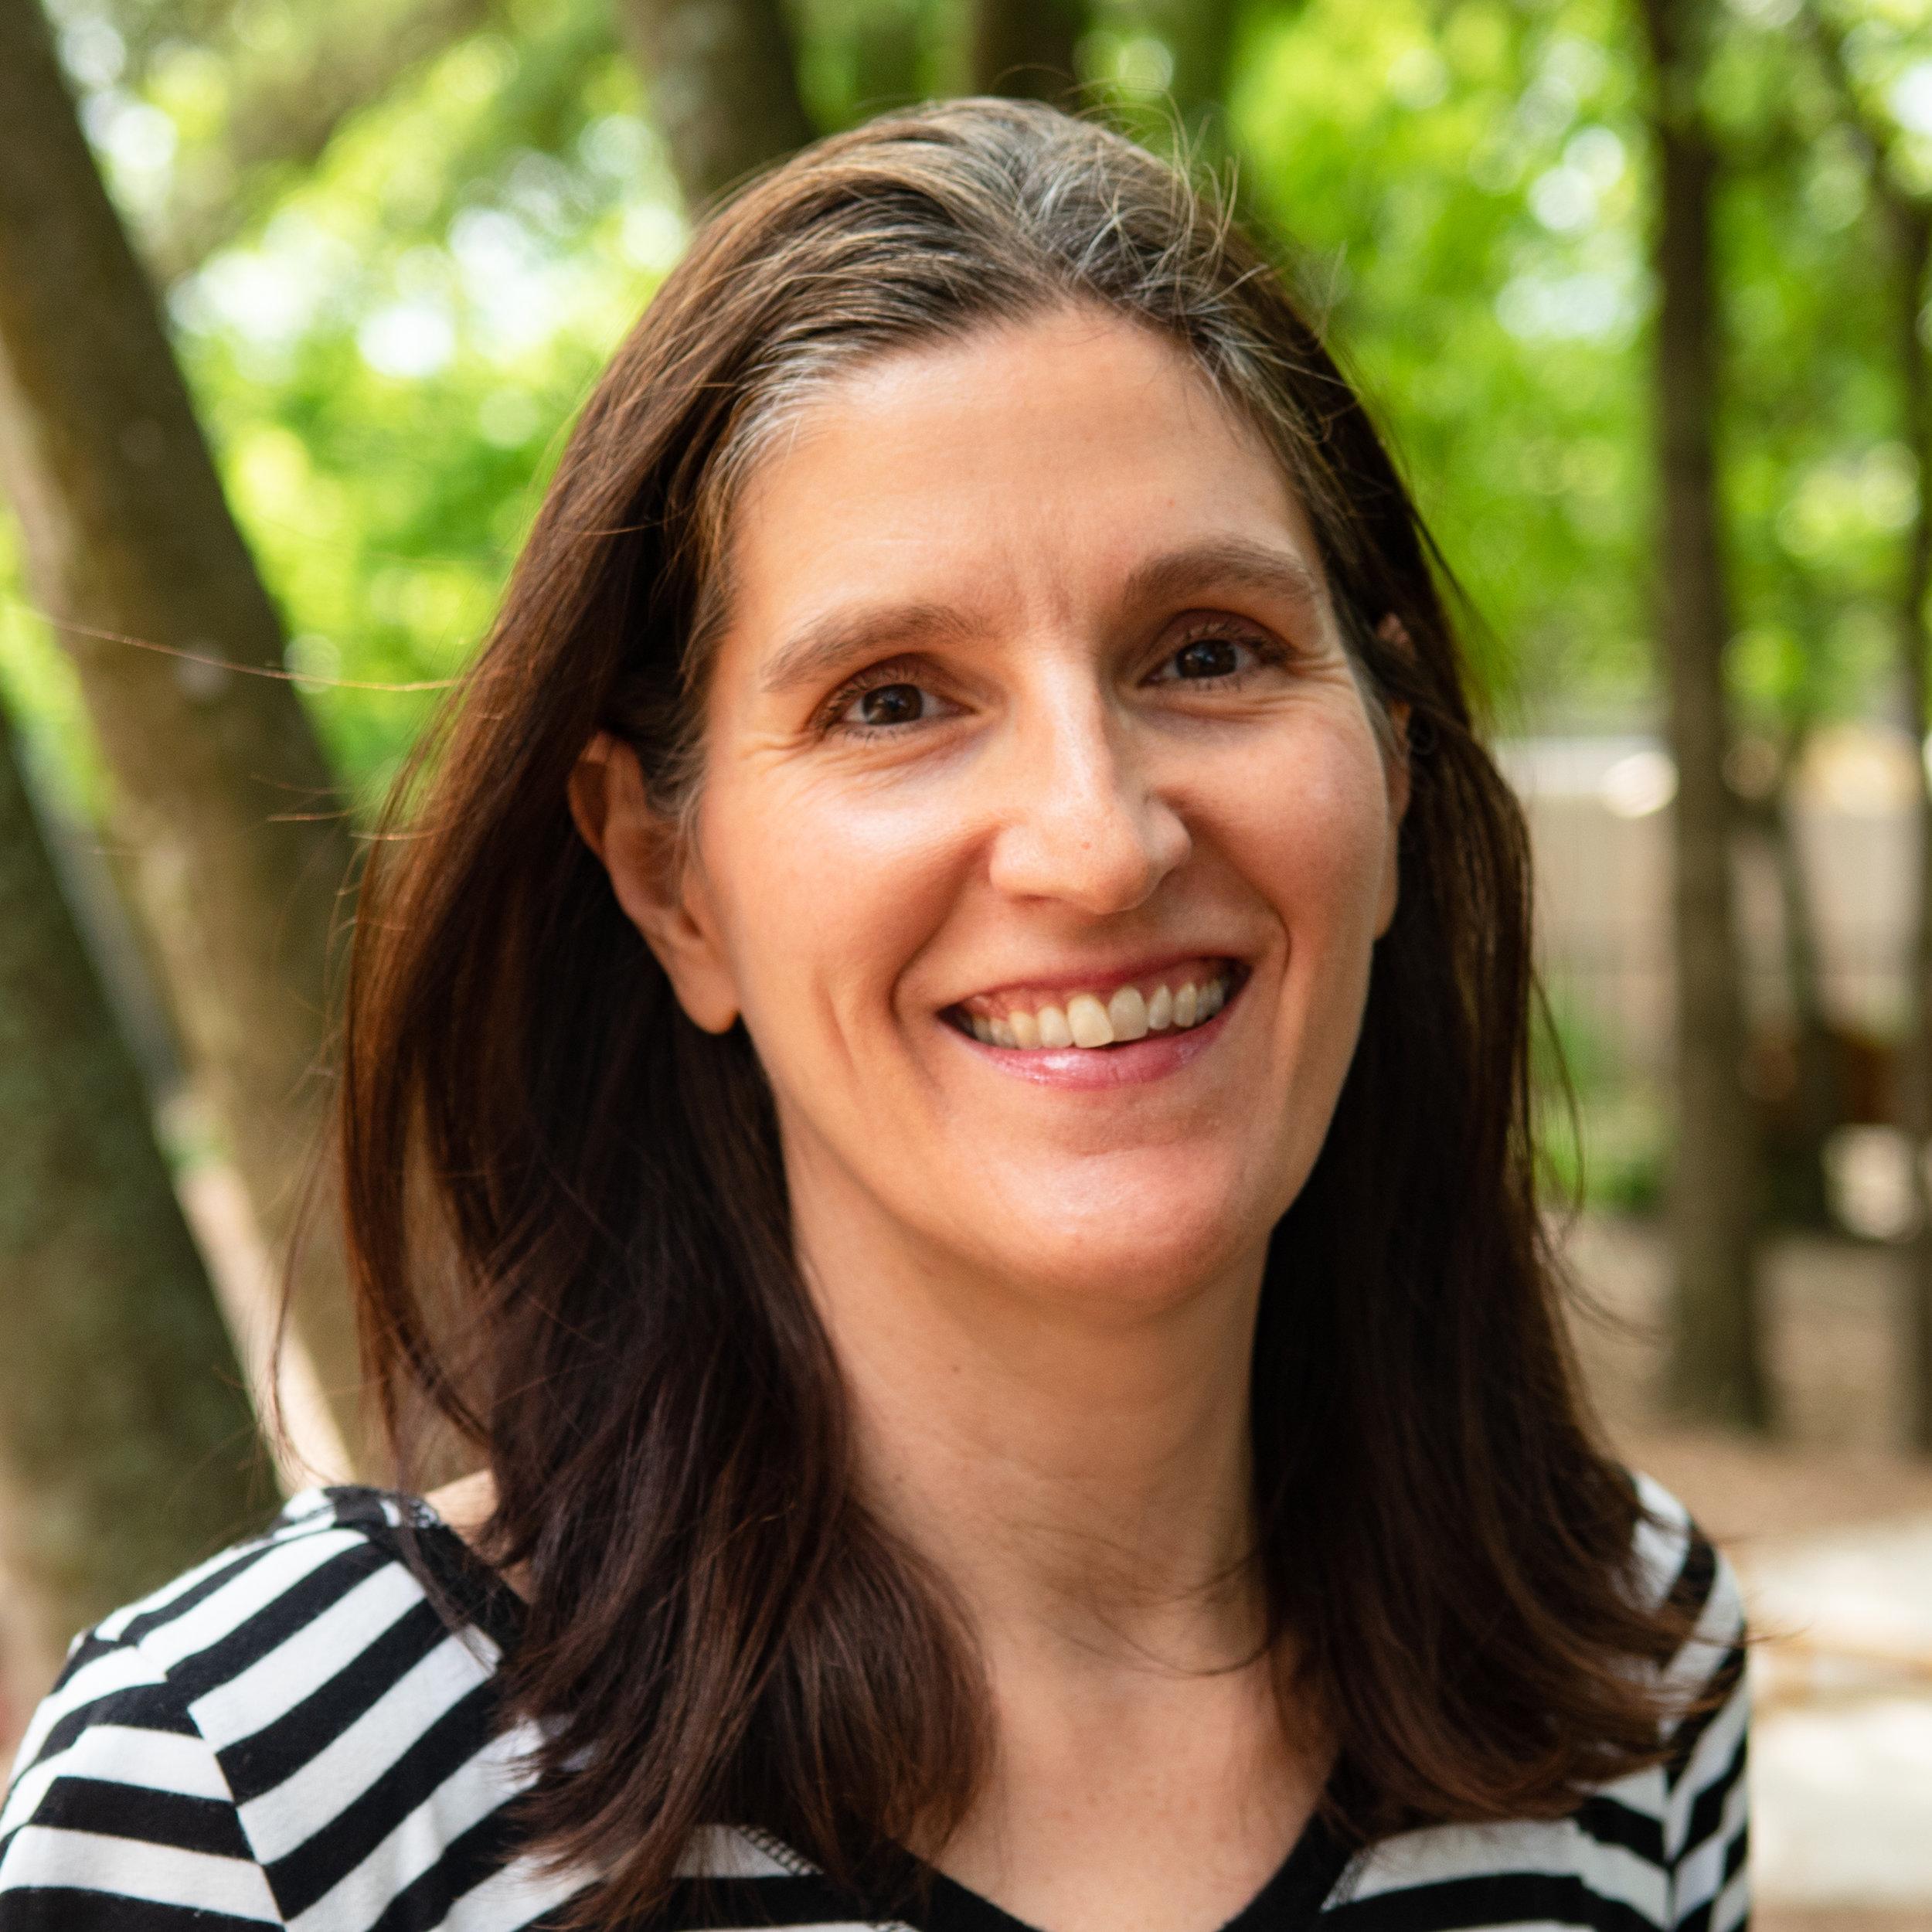 Marsha Harvell - teaches Kindergarten